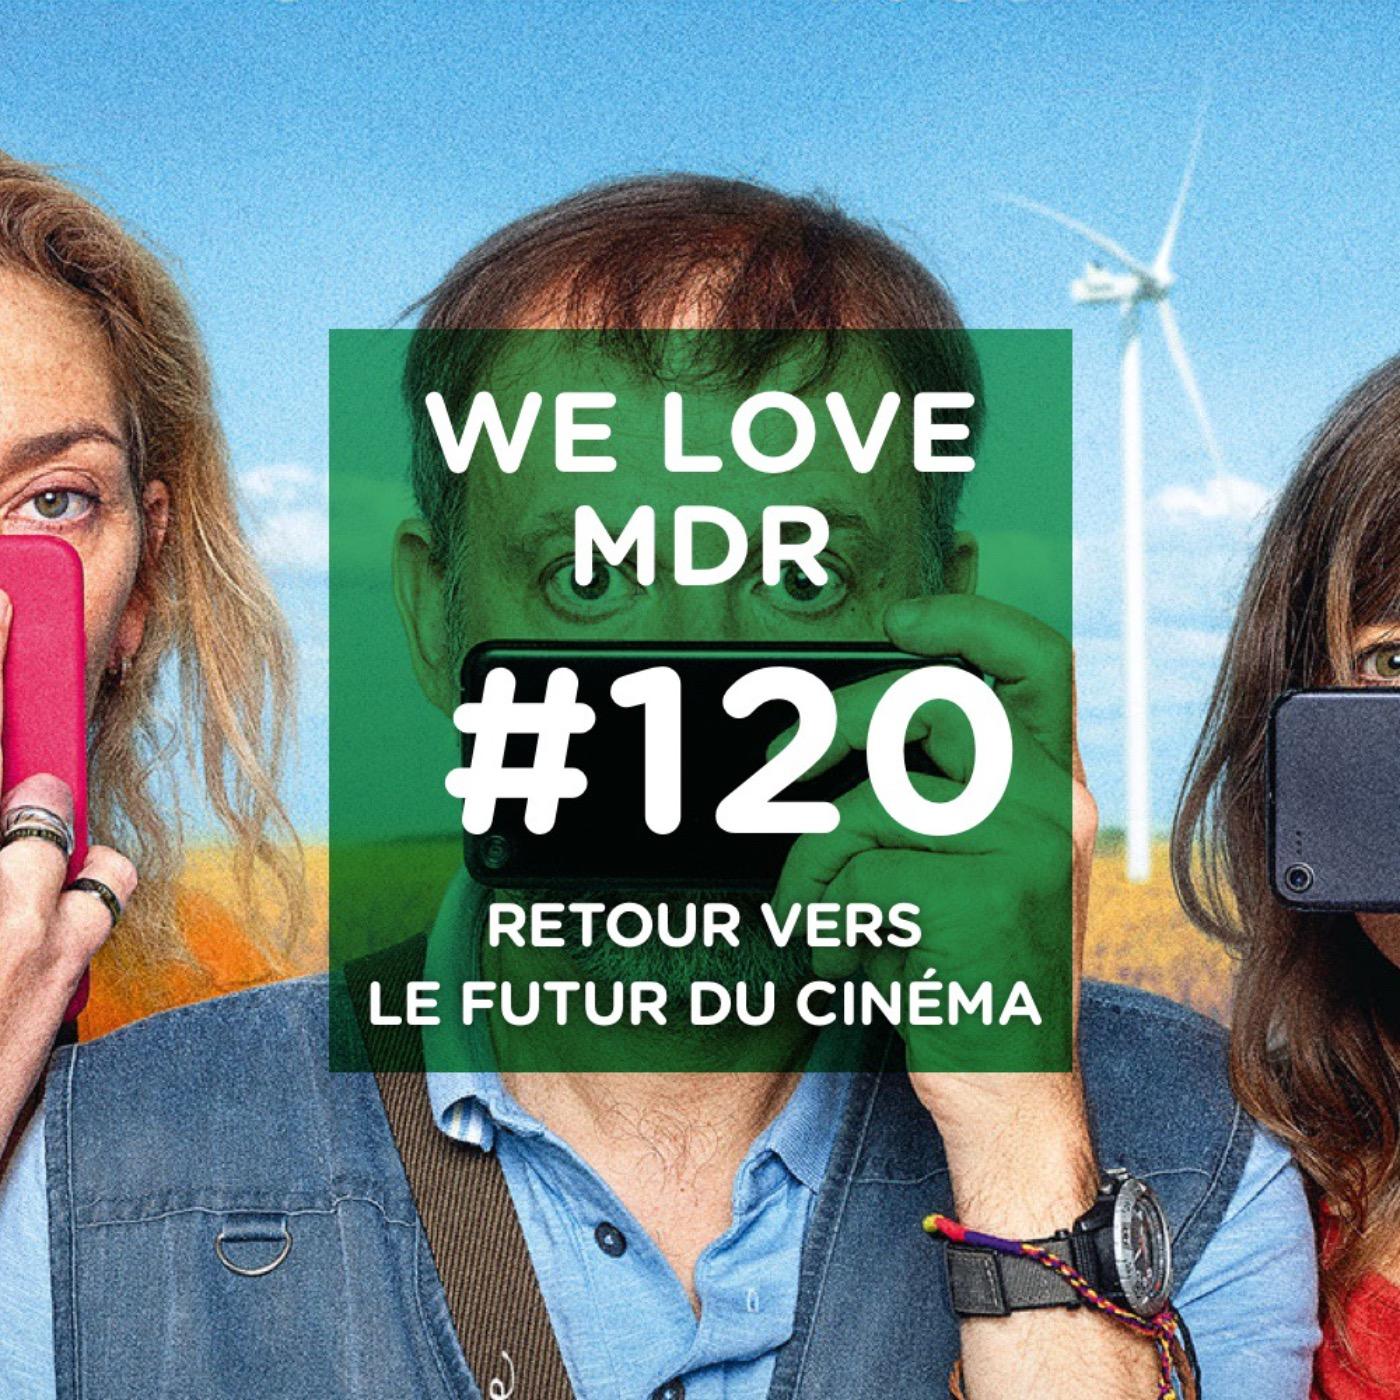 Retour vers le futur du cinéma